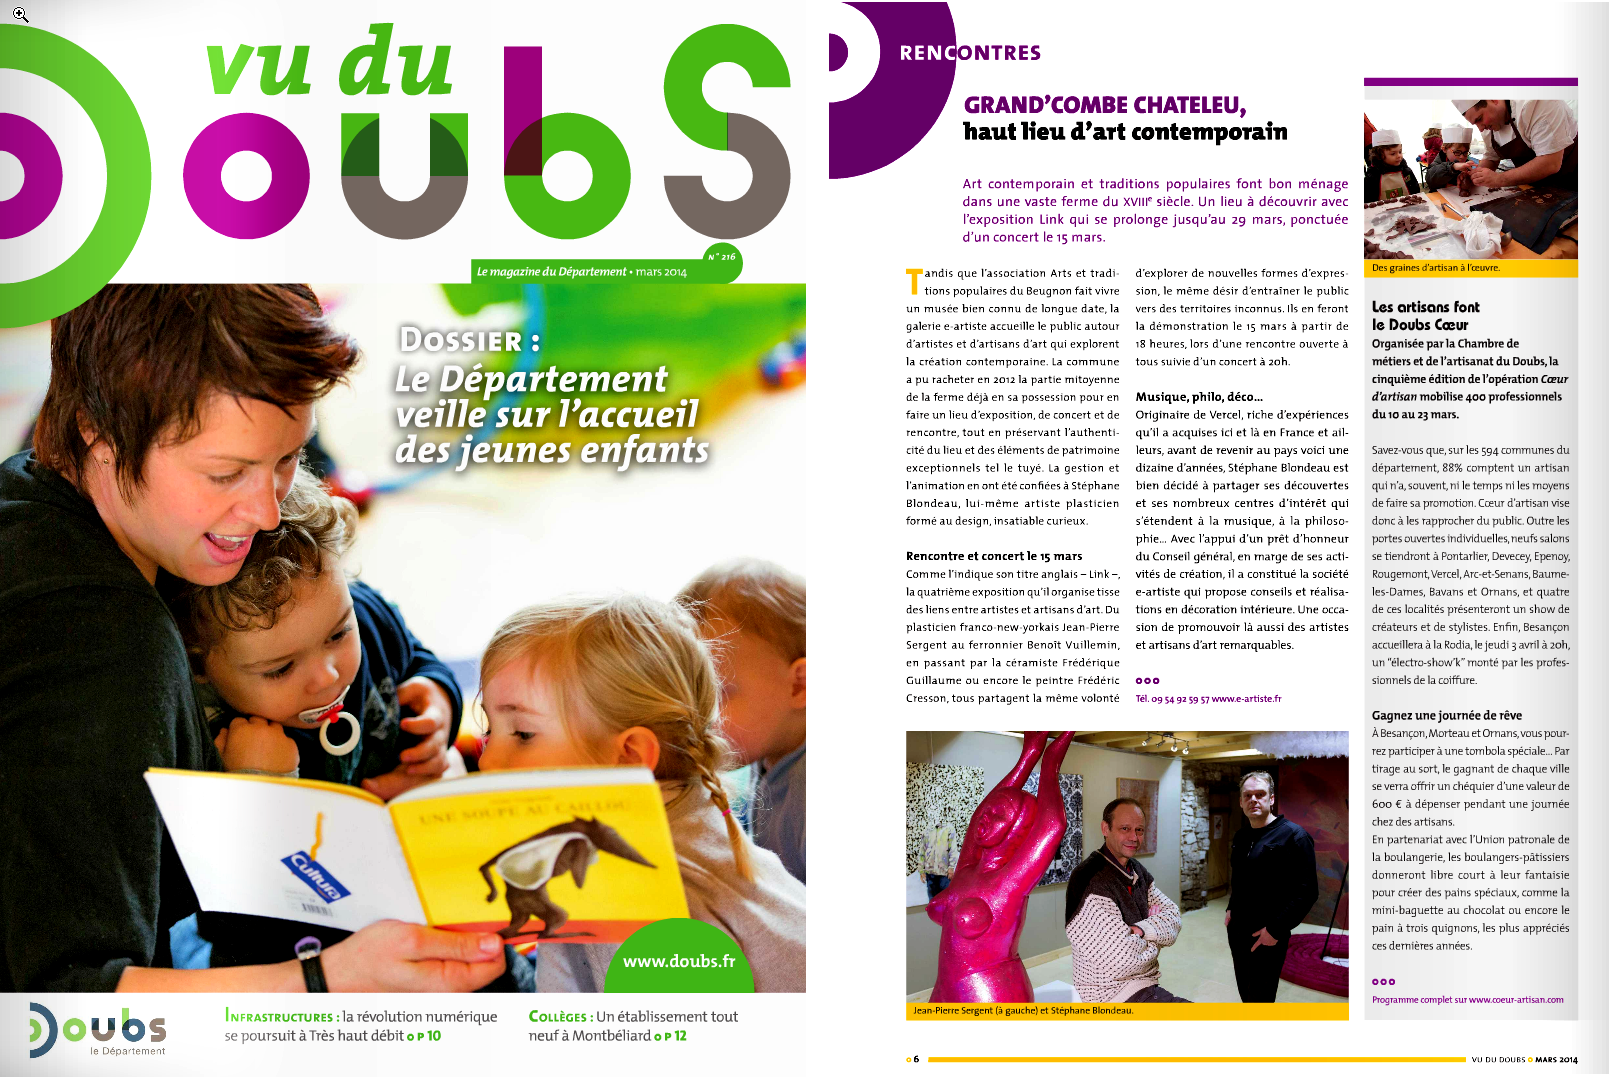 Vu du Doubs mars 2014